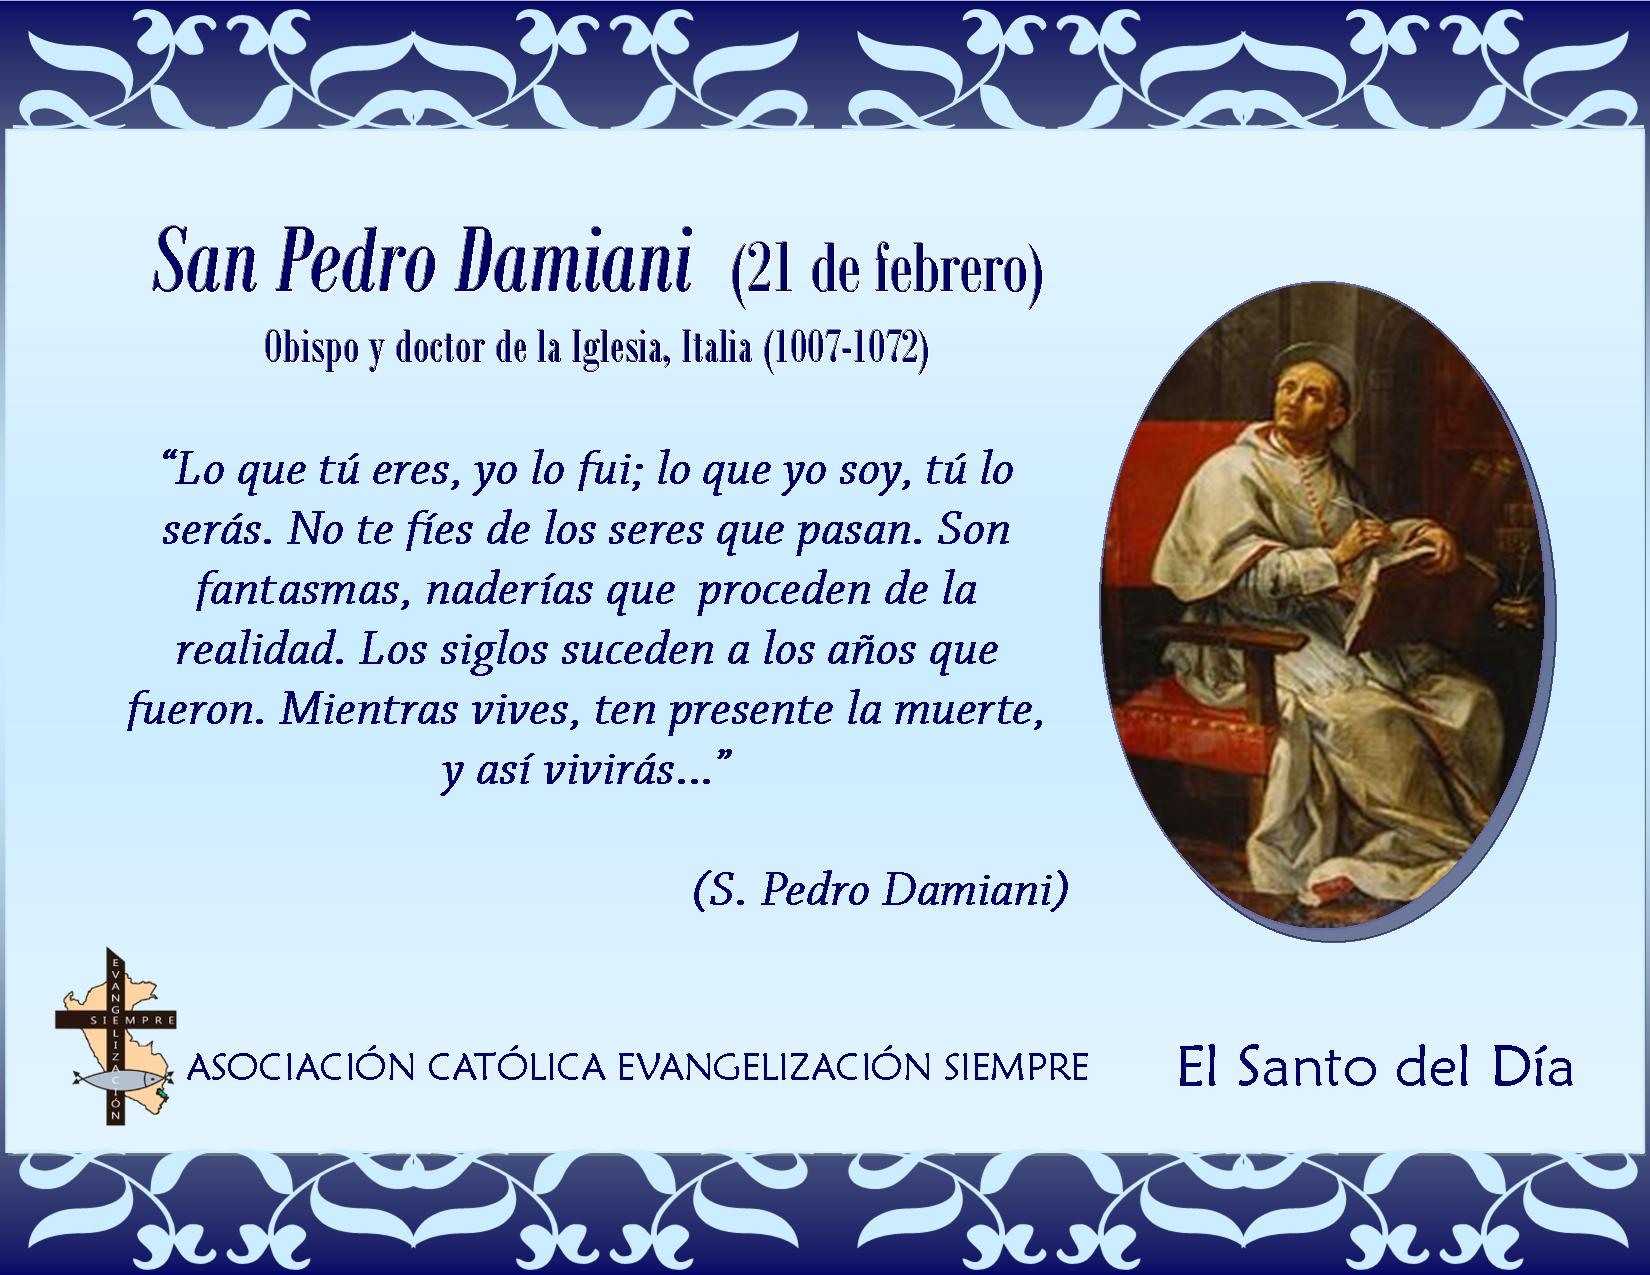 21 febrero San Pedro Damiani